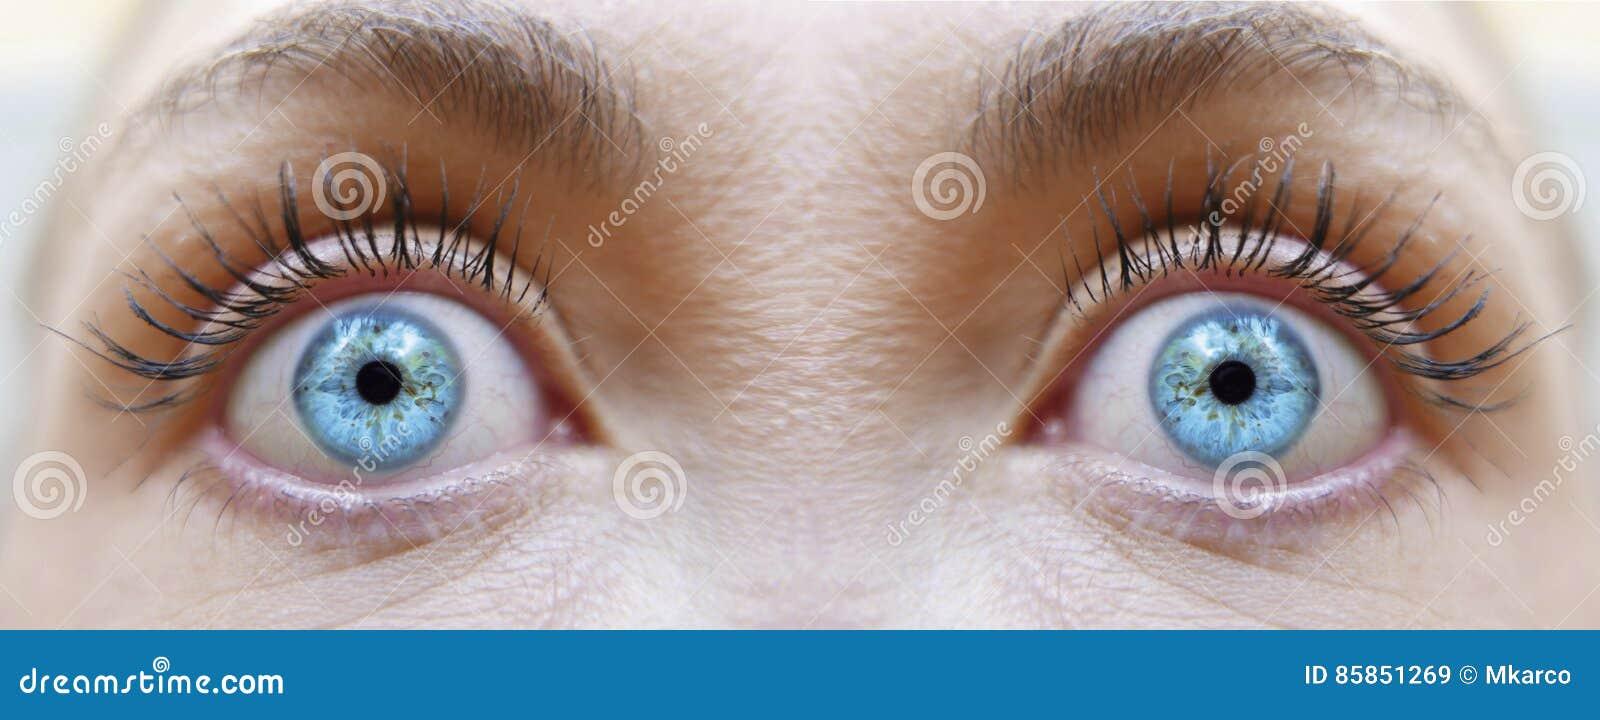 hypnotized gaze girl eyes blue color stock image image of